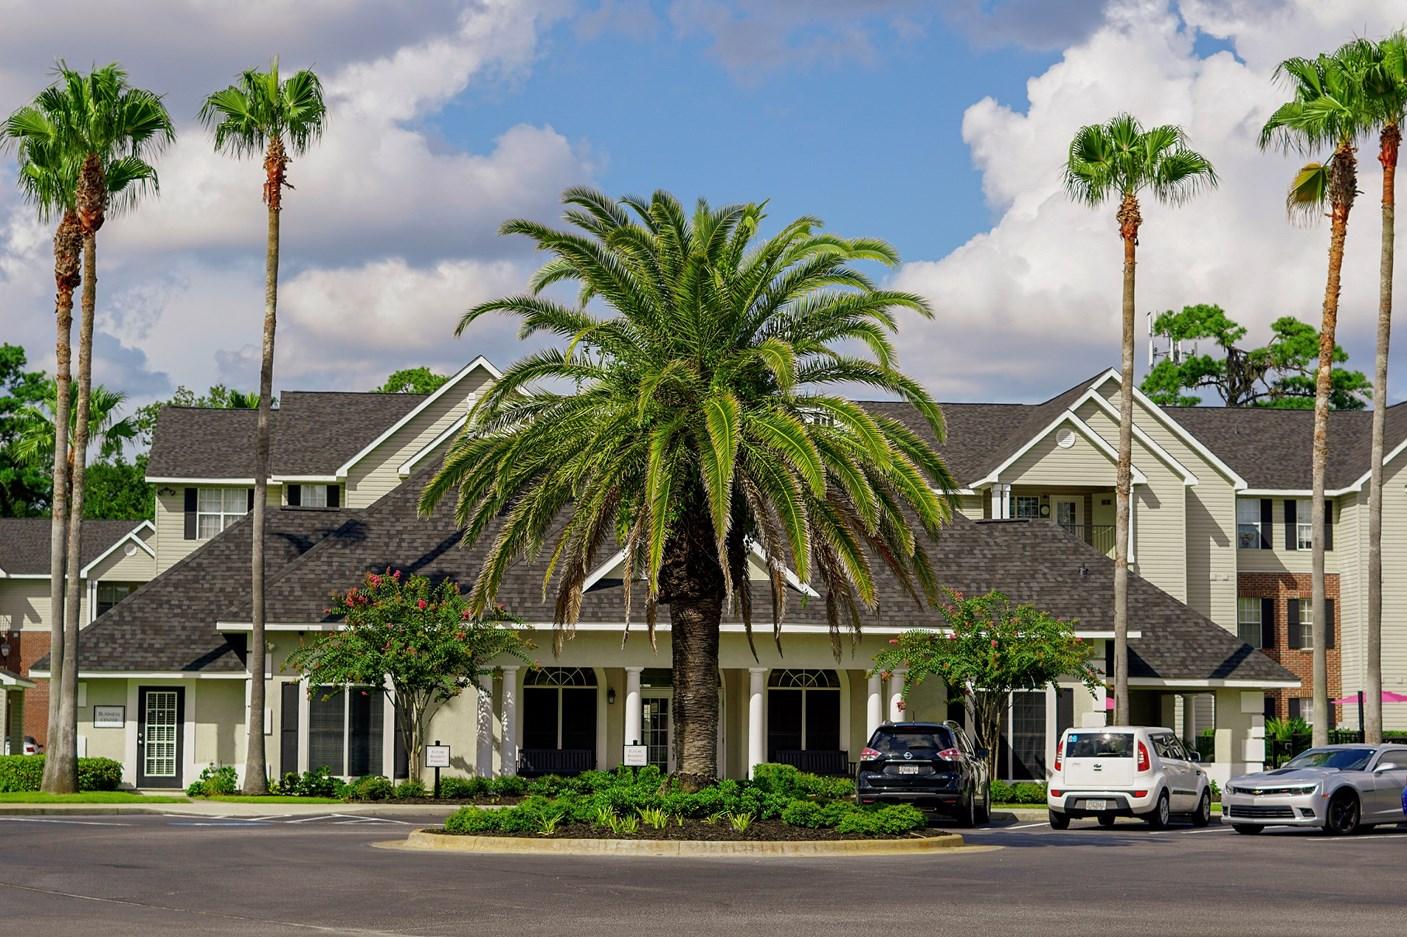 Palms Club - Brunswick, GA 31525 - (844)379-6883 | ShowMeLocal.com